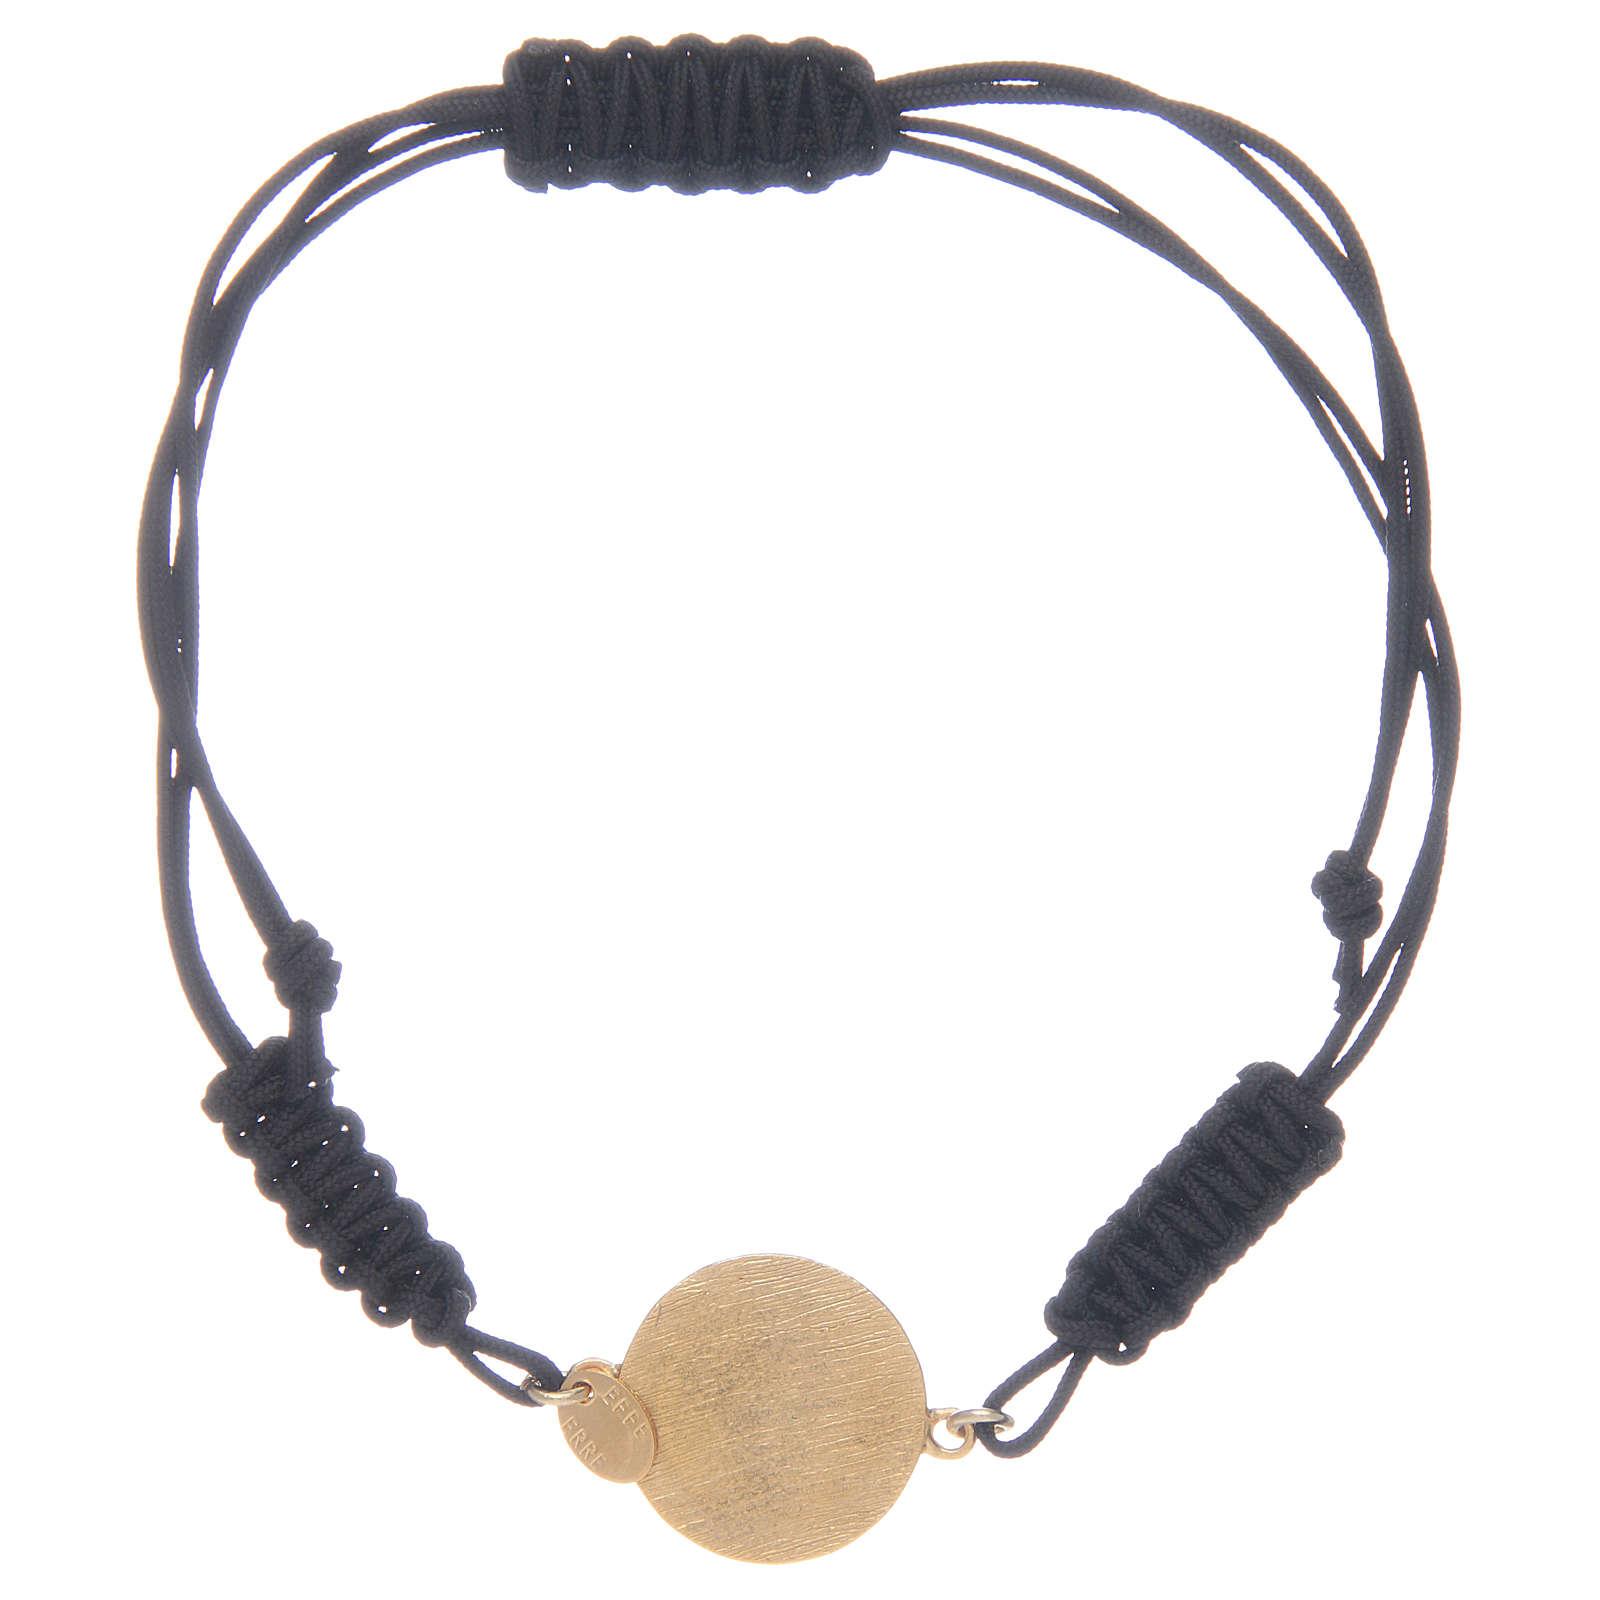 Pulsera cuerda Medalla Milagrosa cuerda circones transparentes plata 925 4